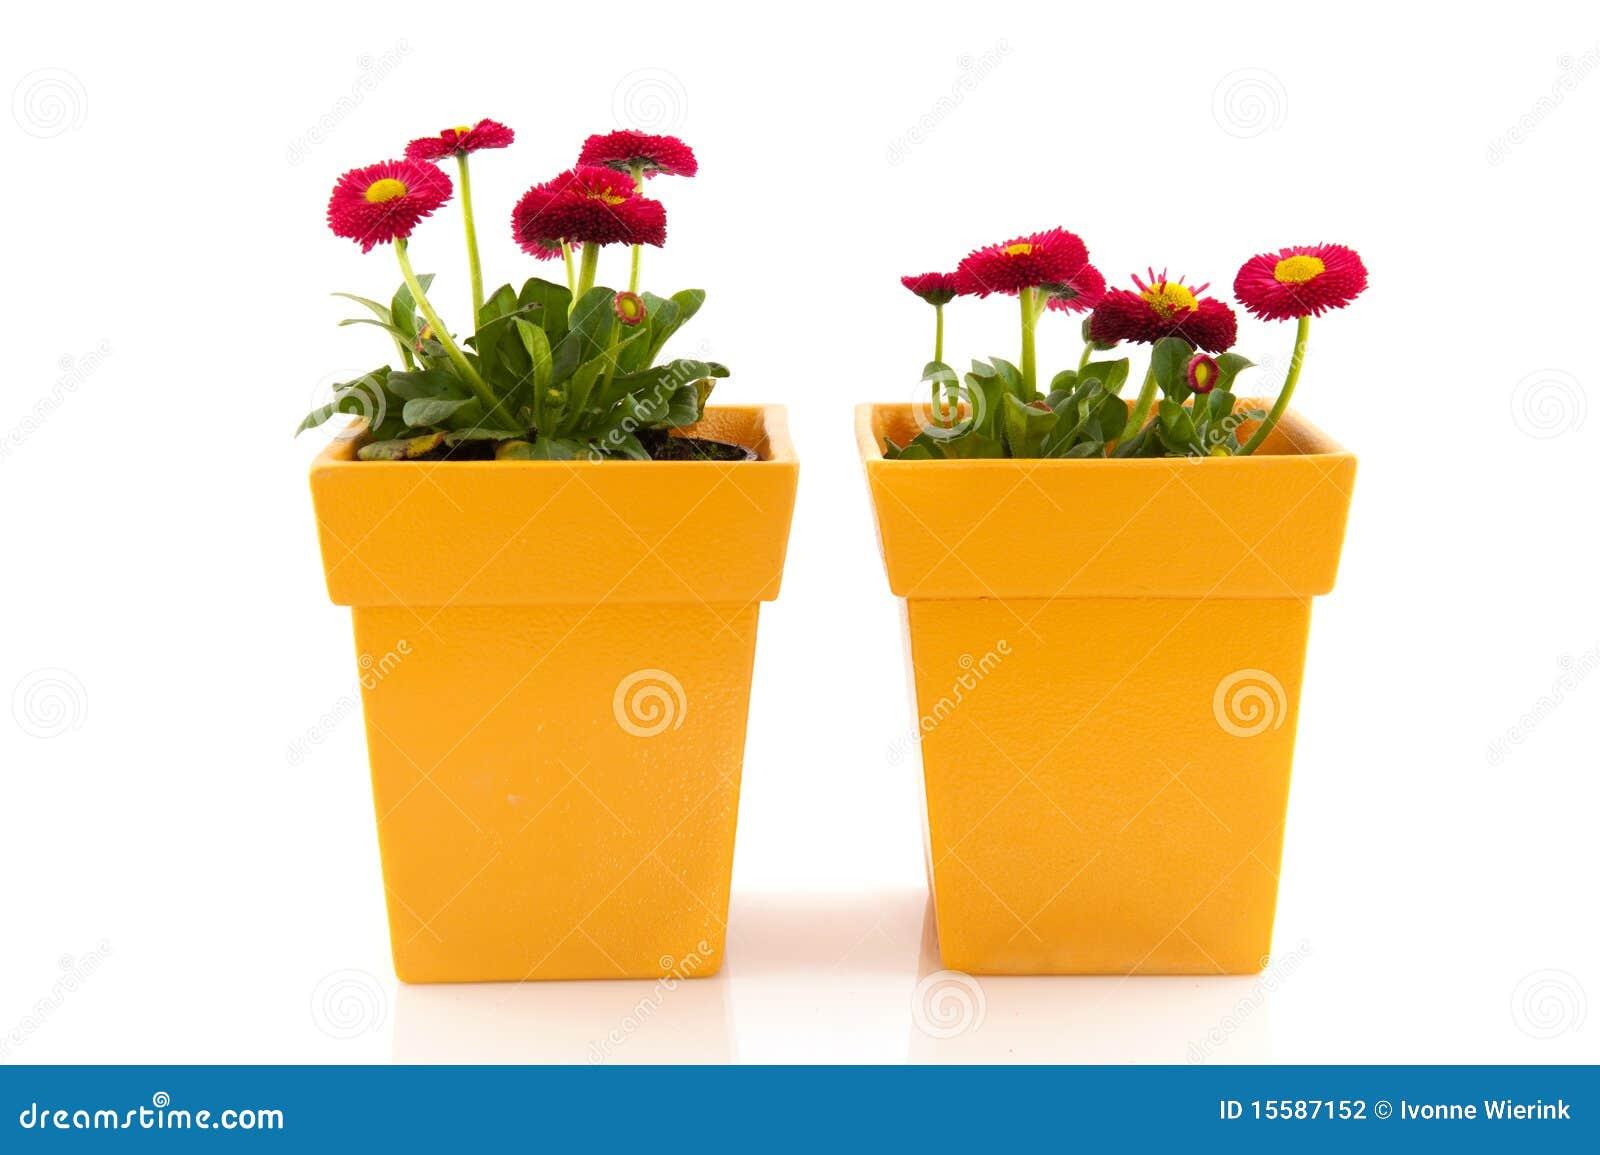 Pink Bellis In Yellow Flower Pots Stock Photo Image Of Garden